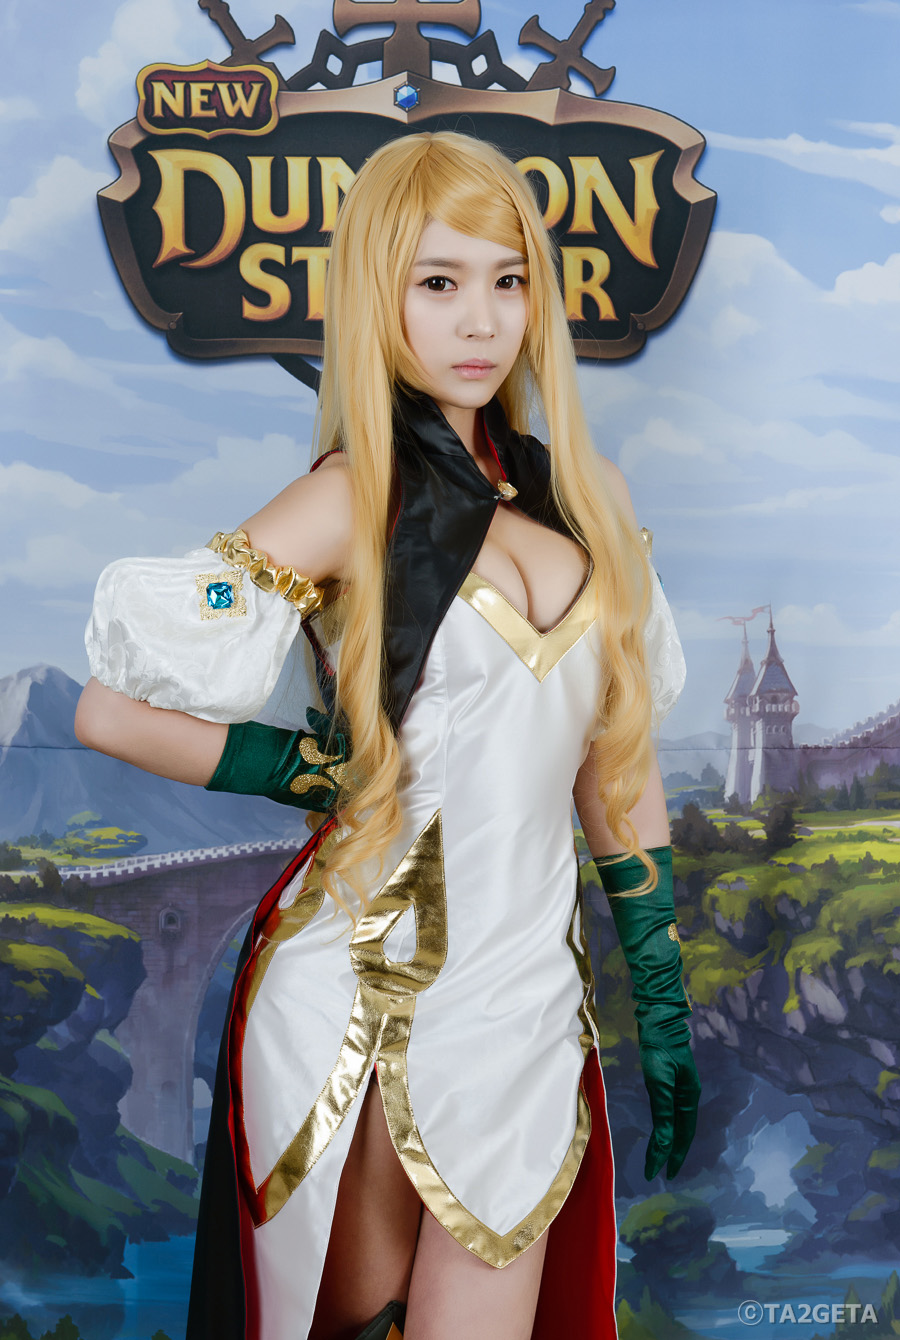 Chảy máu mũi với cosplay New Dungeon Striker - Ảnh 5